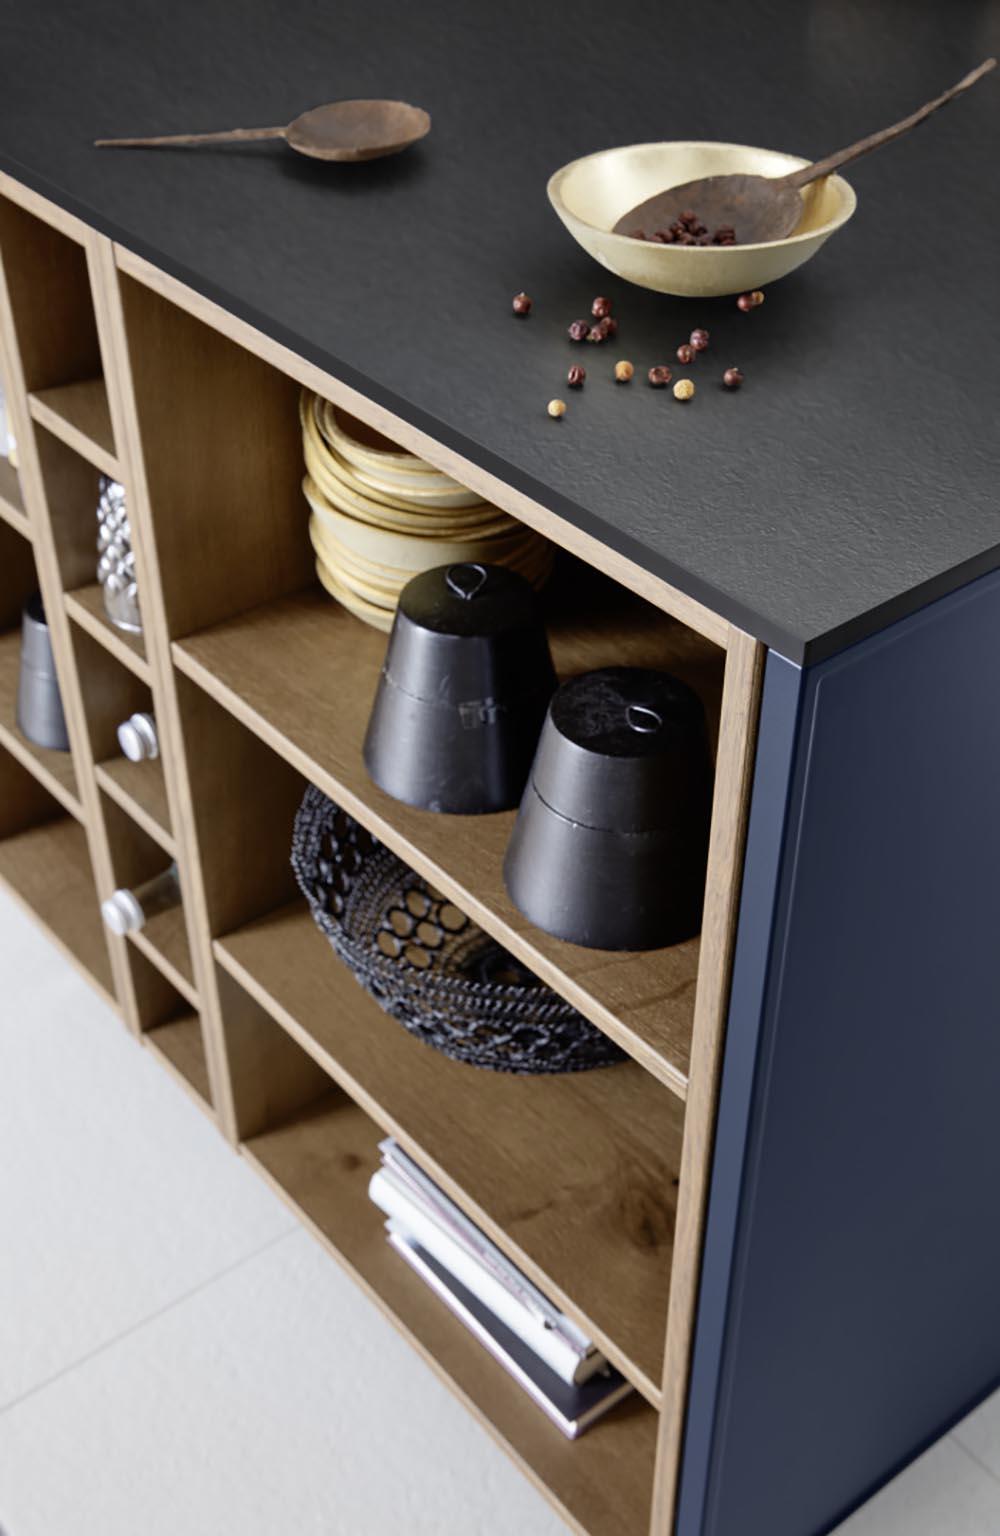 décoration sur plan de travail bleu noir mat et effet bois influence moderne